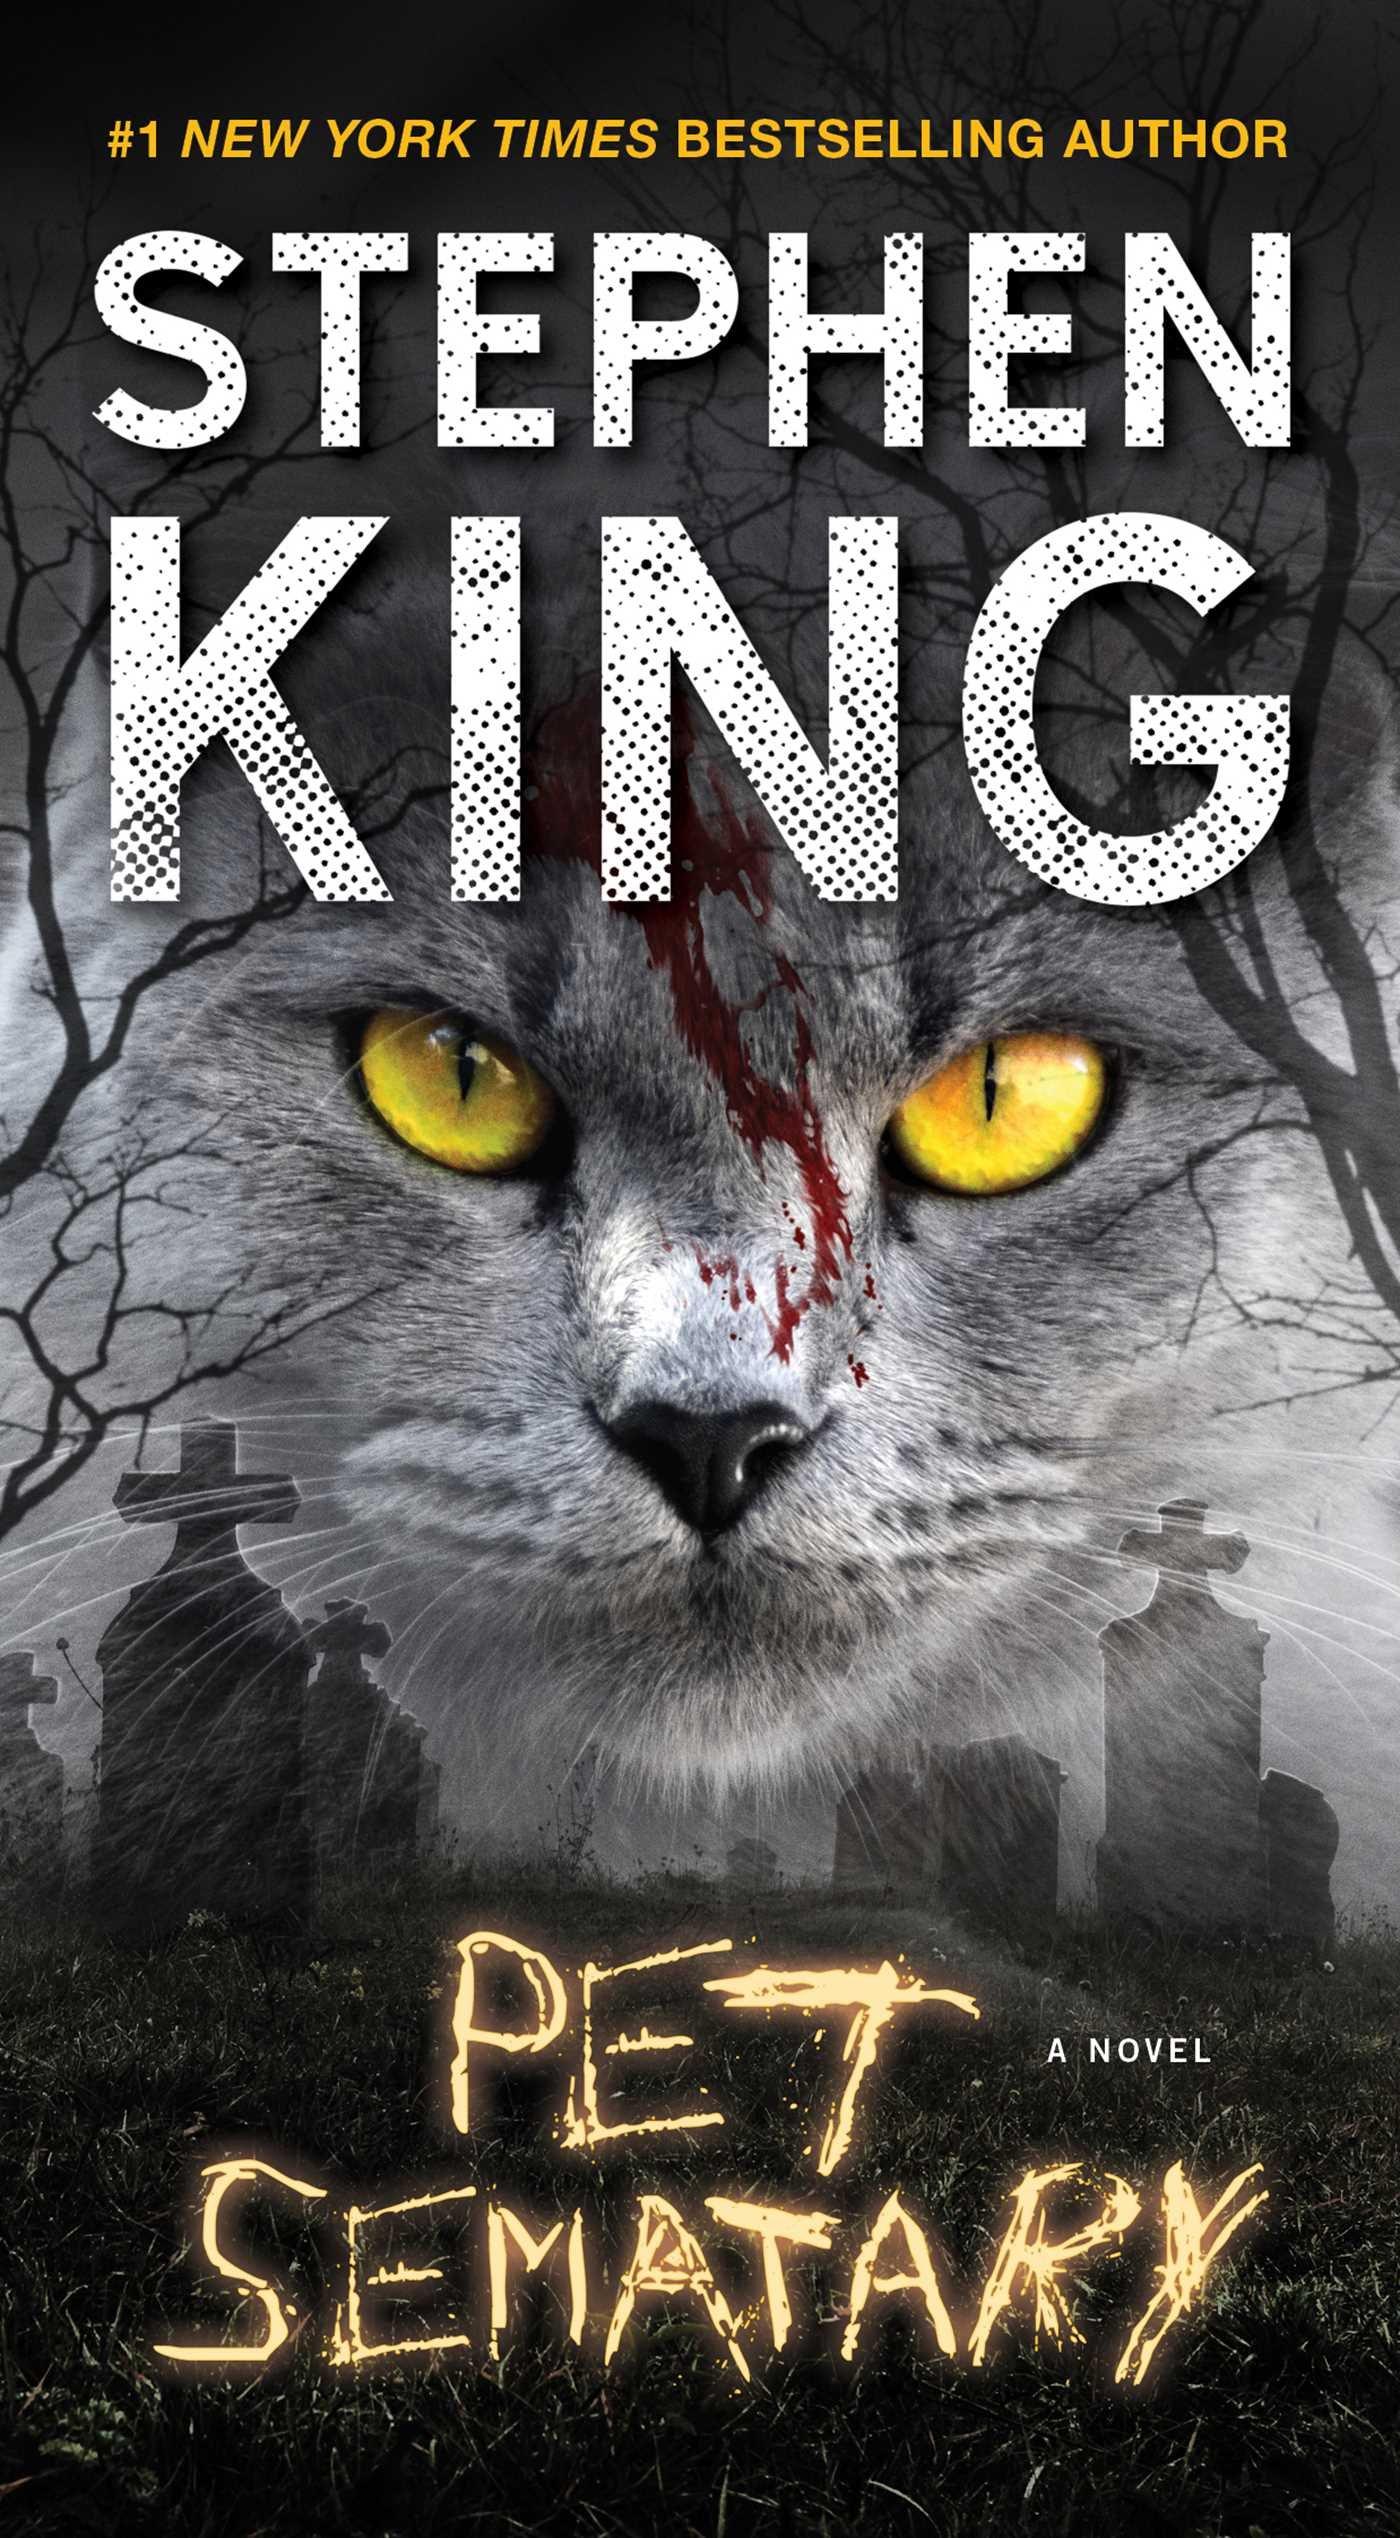 <i>Pet Sematary - Stephen King (amazon.com)</i>